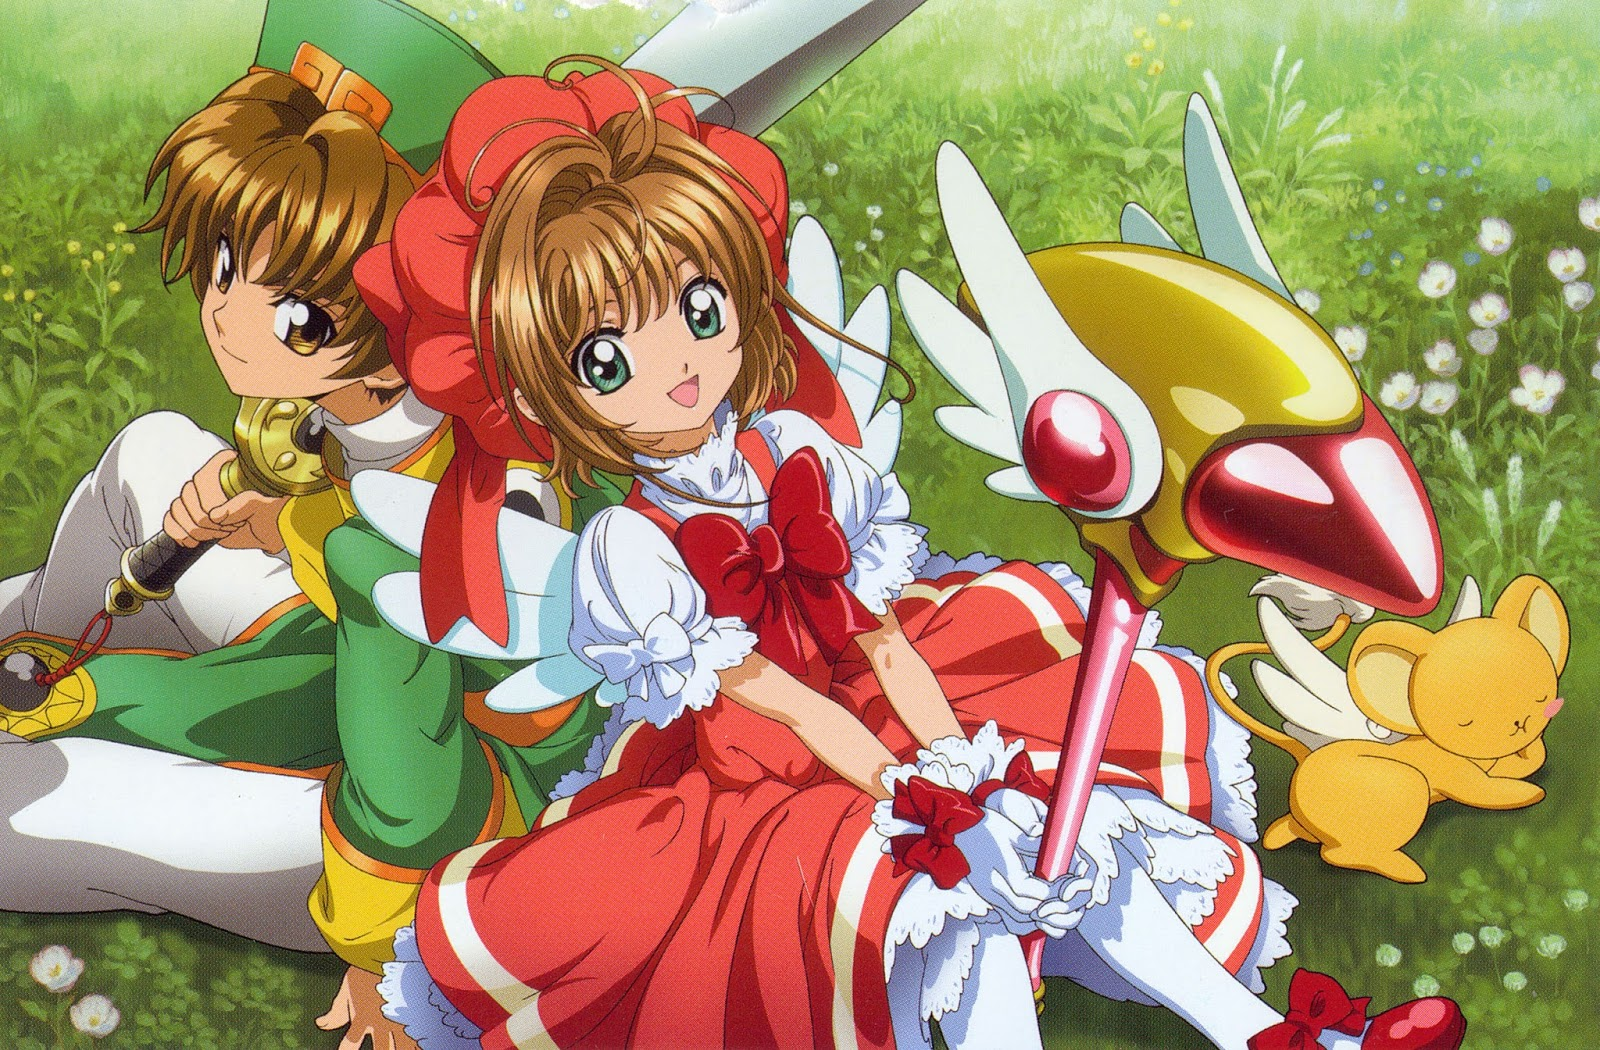 Di Postingan Kali Ini Saya Akan Menuliskan List Anime Yang Pernah Tayang Layar Kaca Indonesia Sampai Sekarang